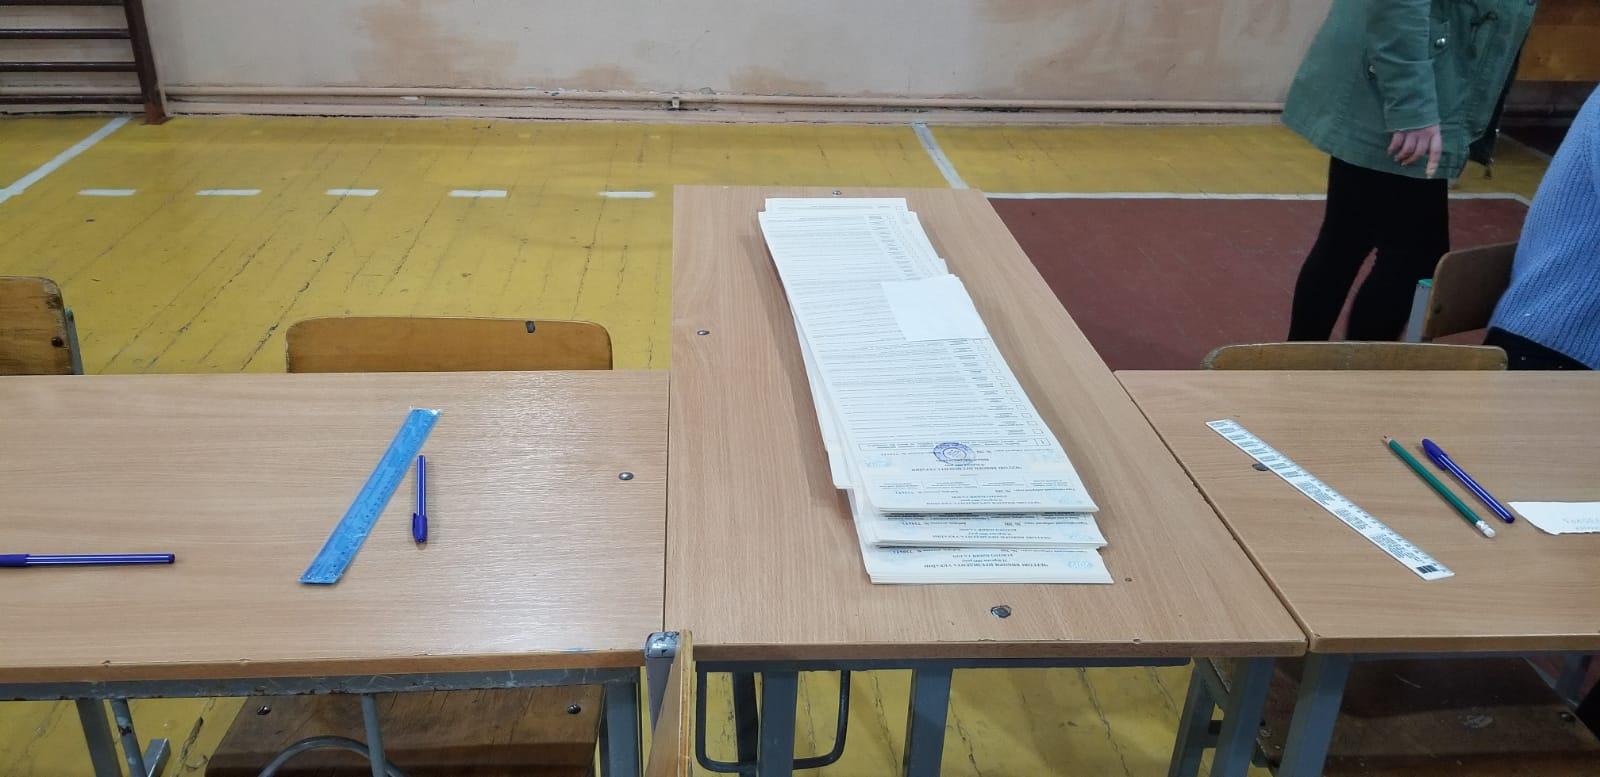 Imaginile zilei vin din Ucraina. Buletine de vot cât un papirus și mese întoarse invers ca să încapă lista cu toți candidații!